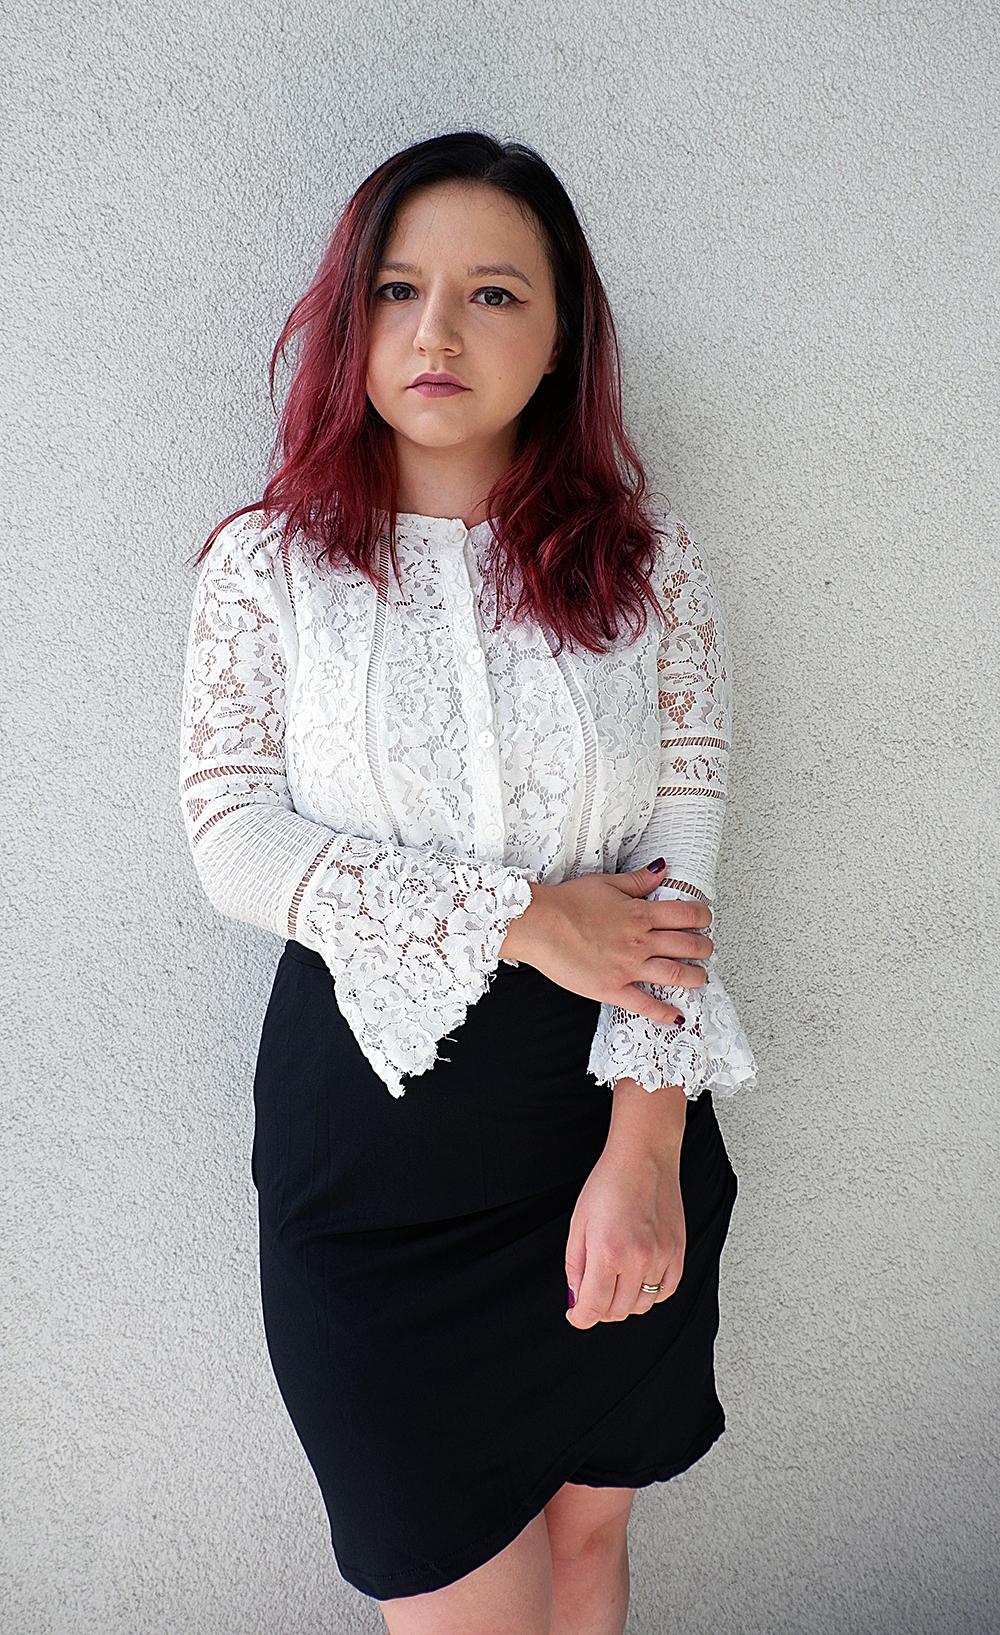 Feminine Fall Fashion - Lace